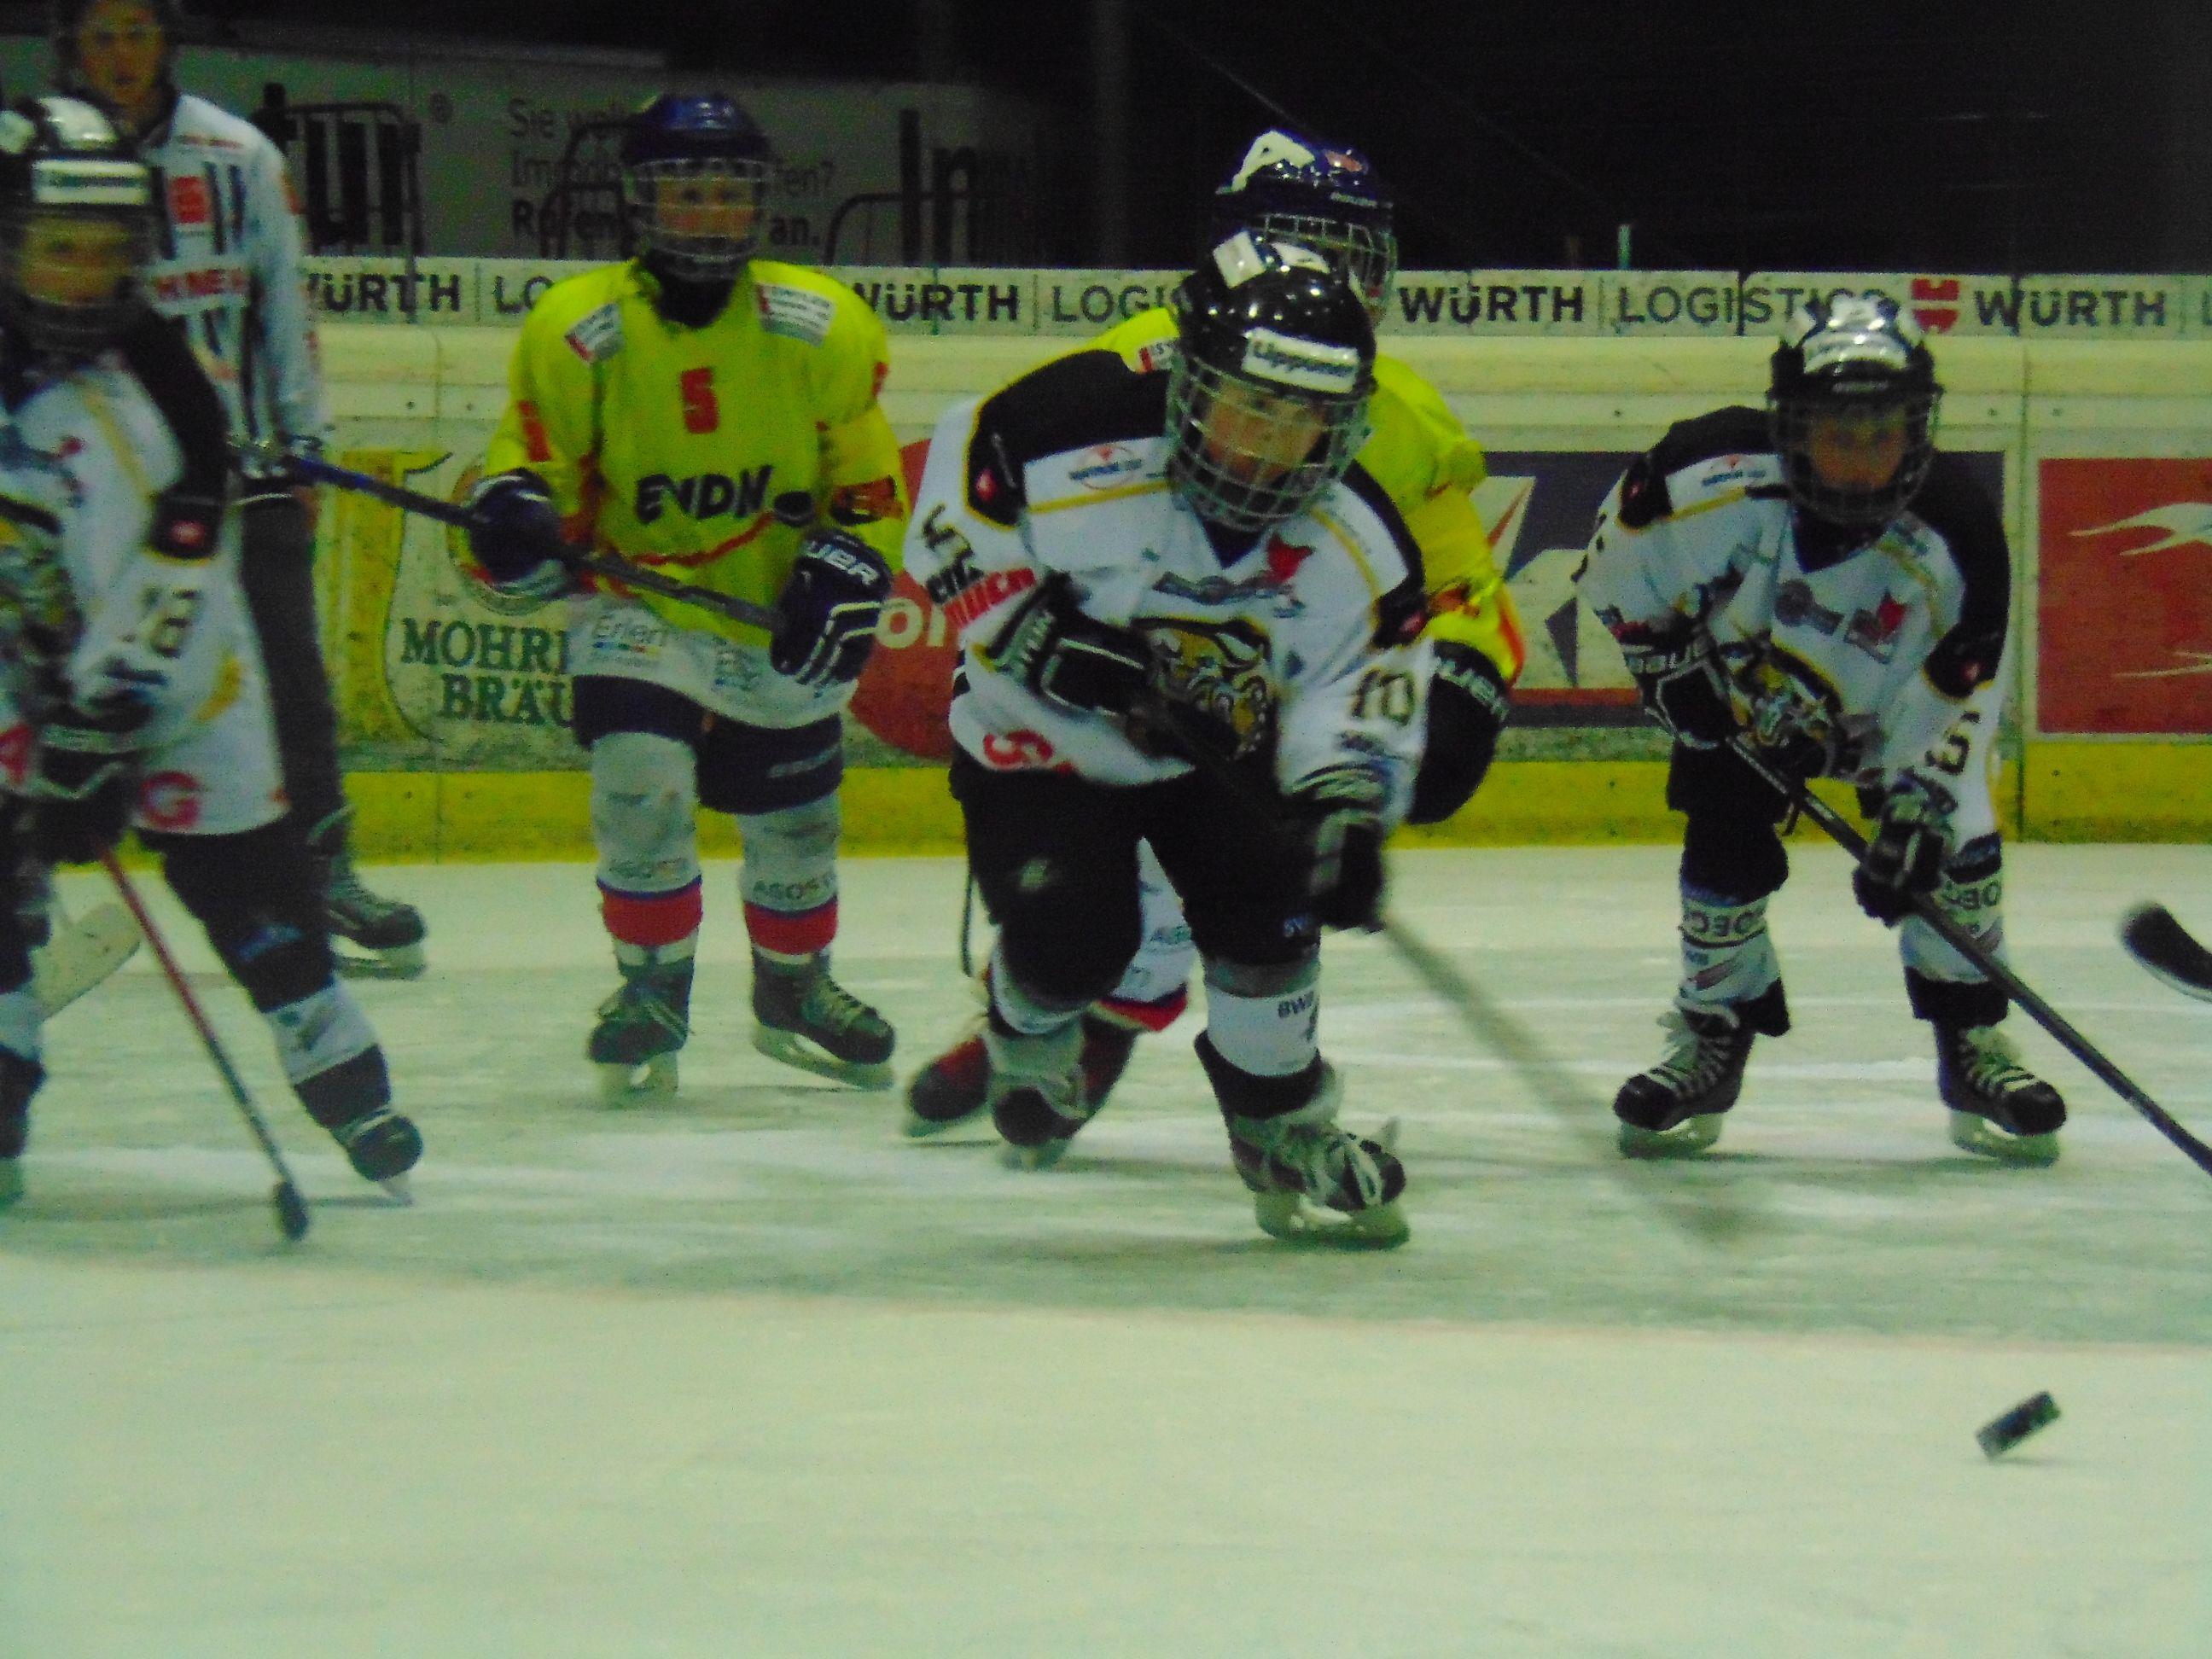 Junge Hockeycracks aus drei Nationen waren im Messestadion